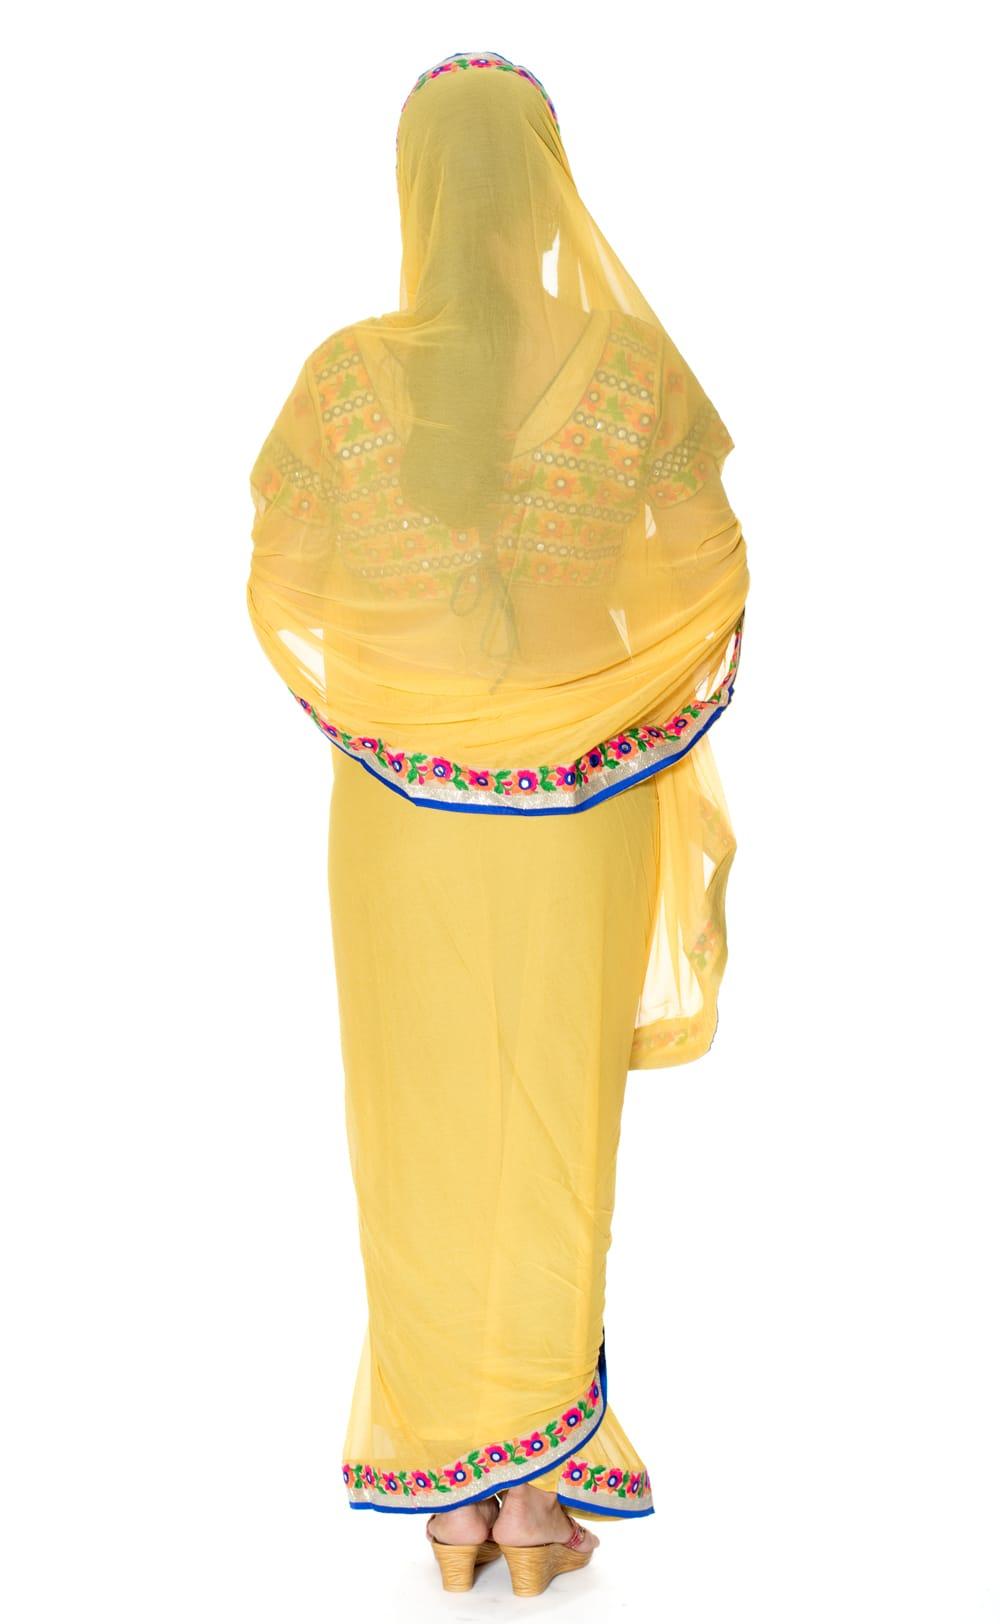 カッチ刺繍テイストのジョーゼットインドサリー【チョリ付き】 - 黄色 3 - 後ろからの写真です